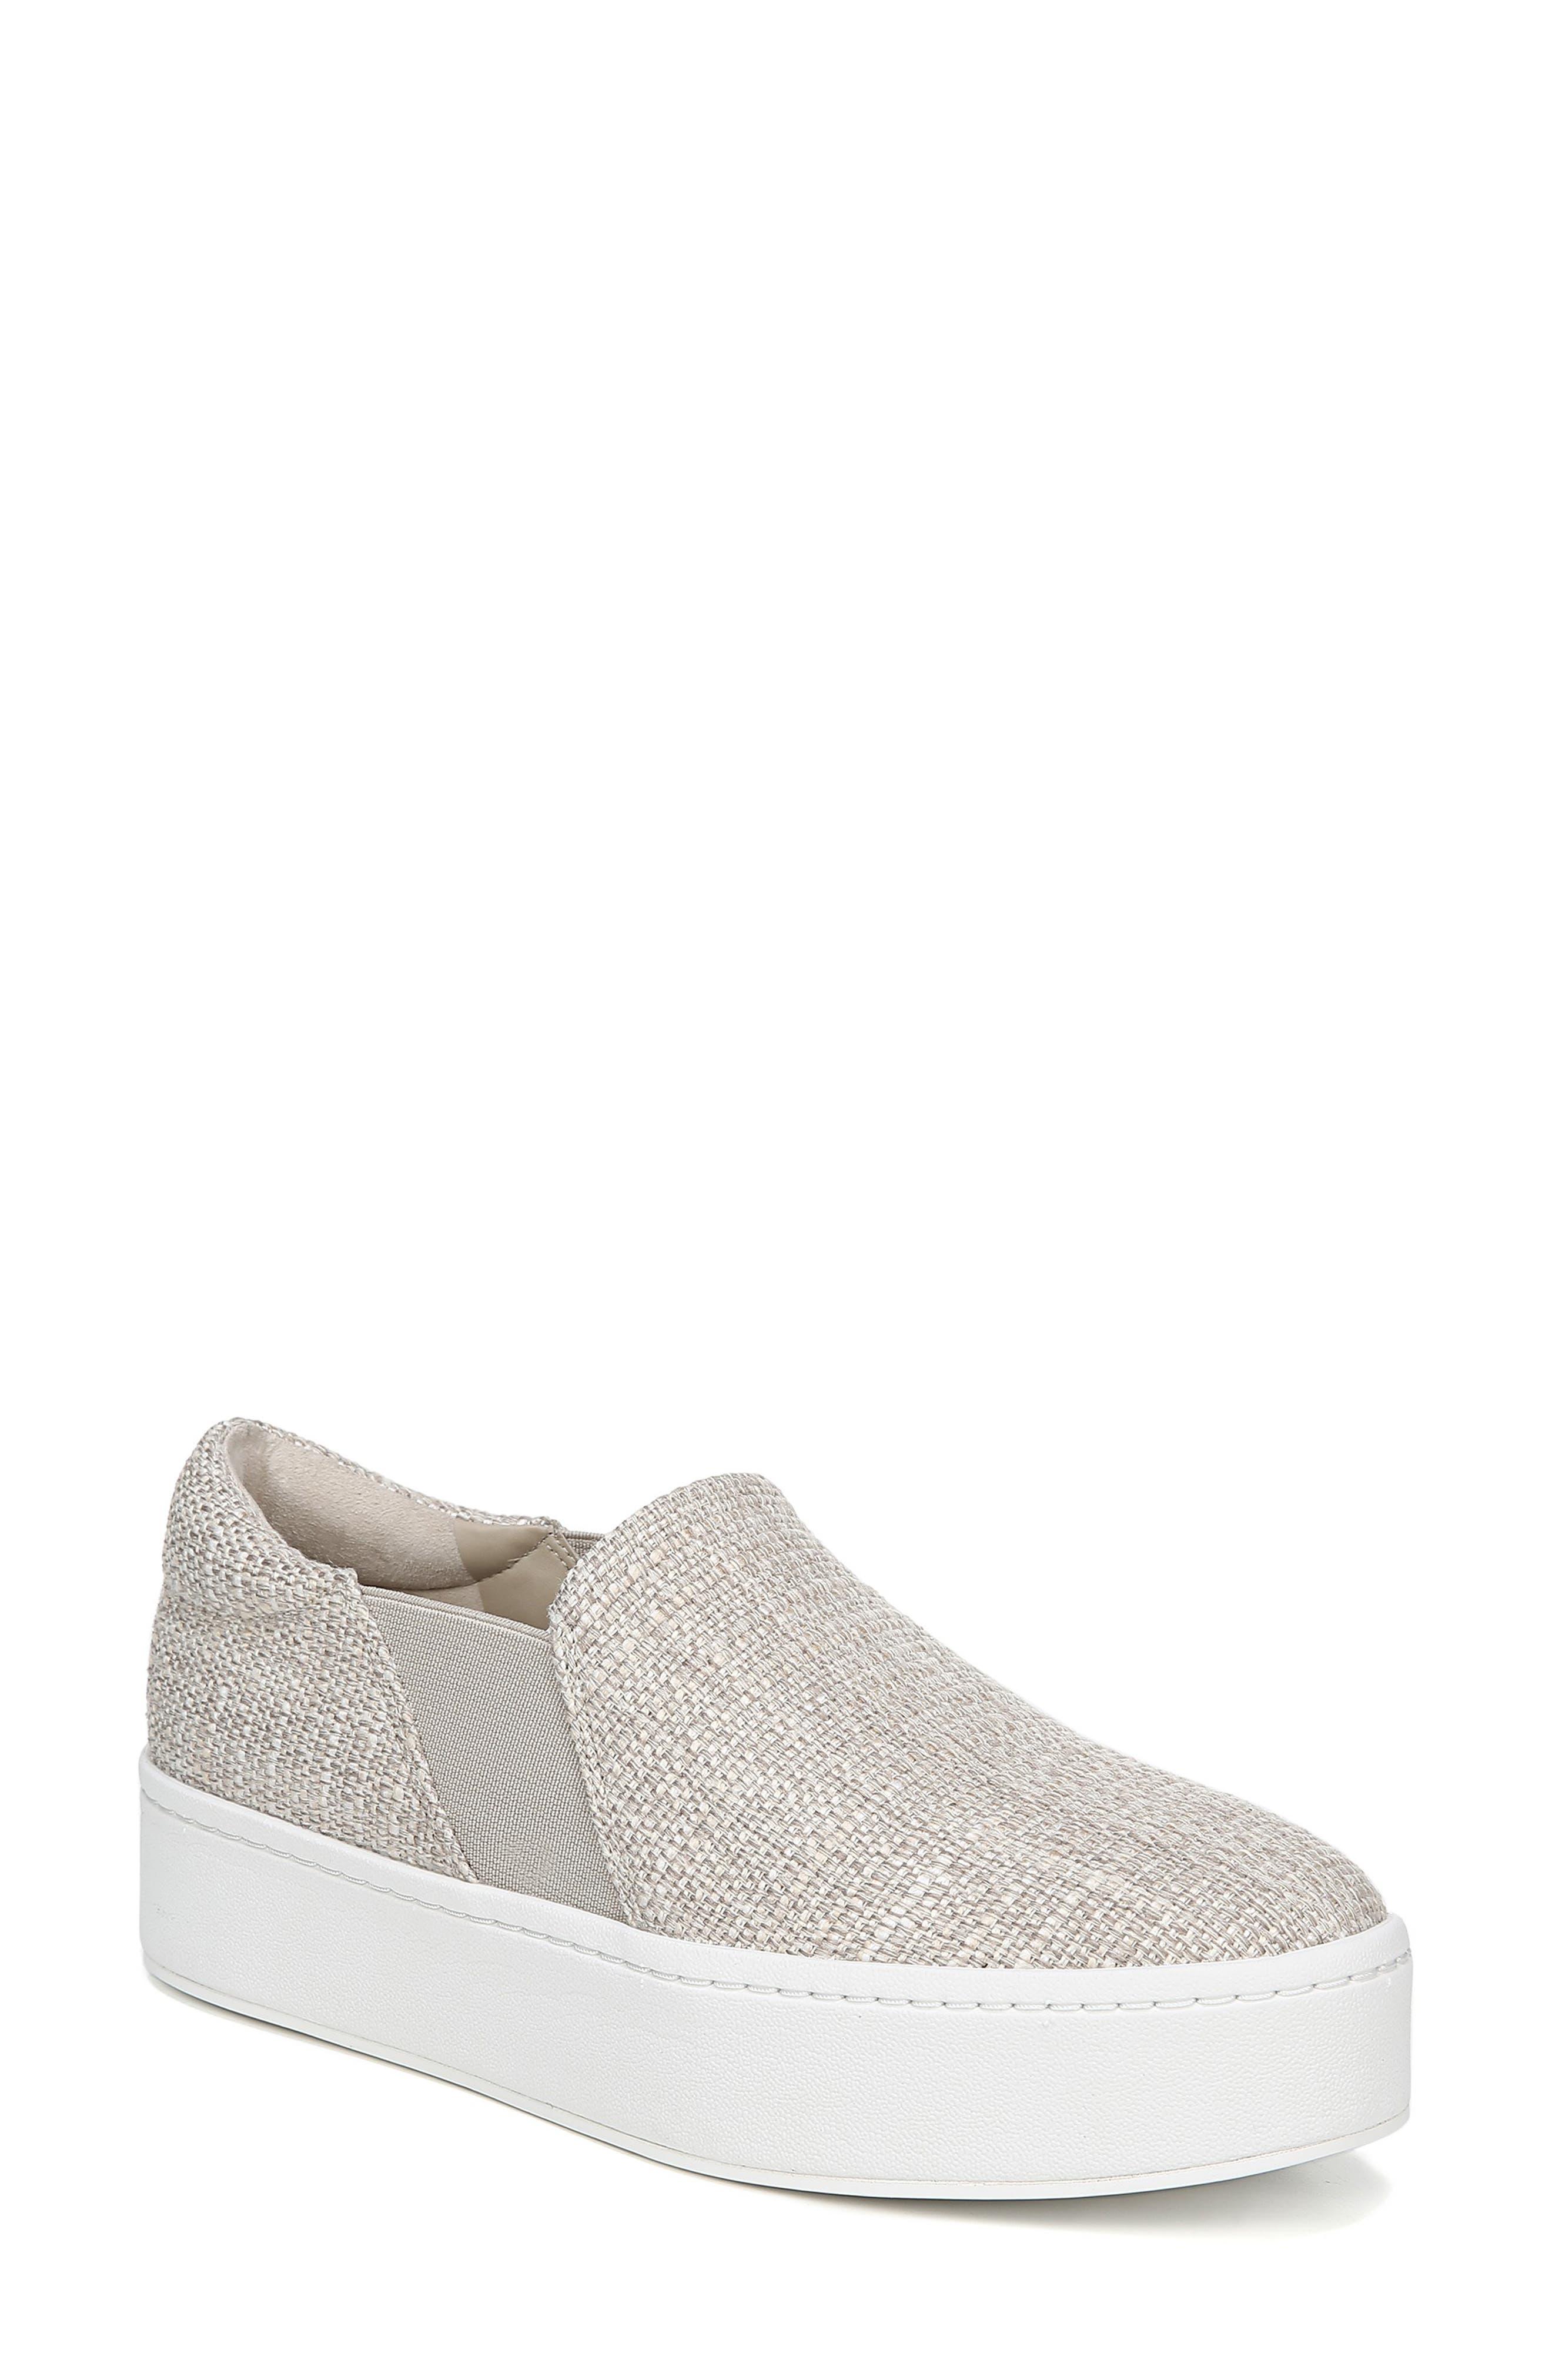 Warren Linen Platform Skate Sneakers in Natural Ecru